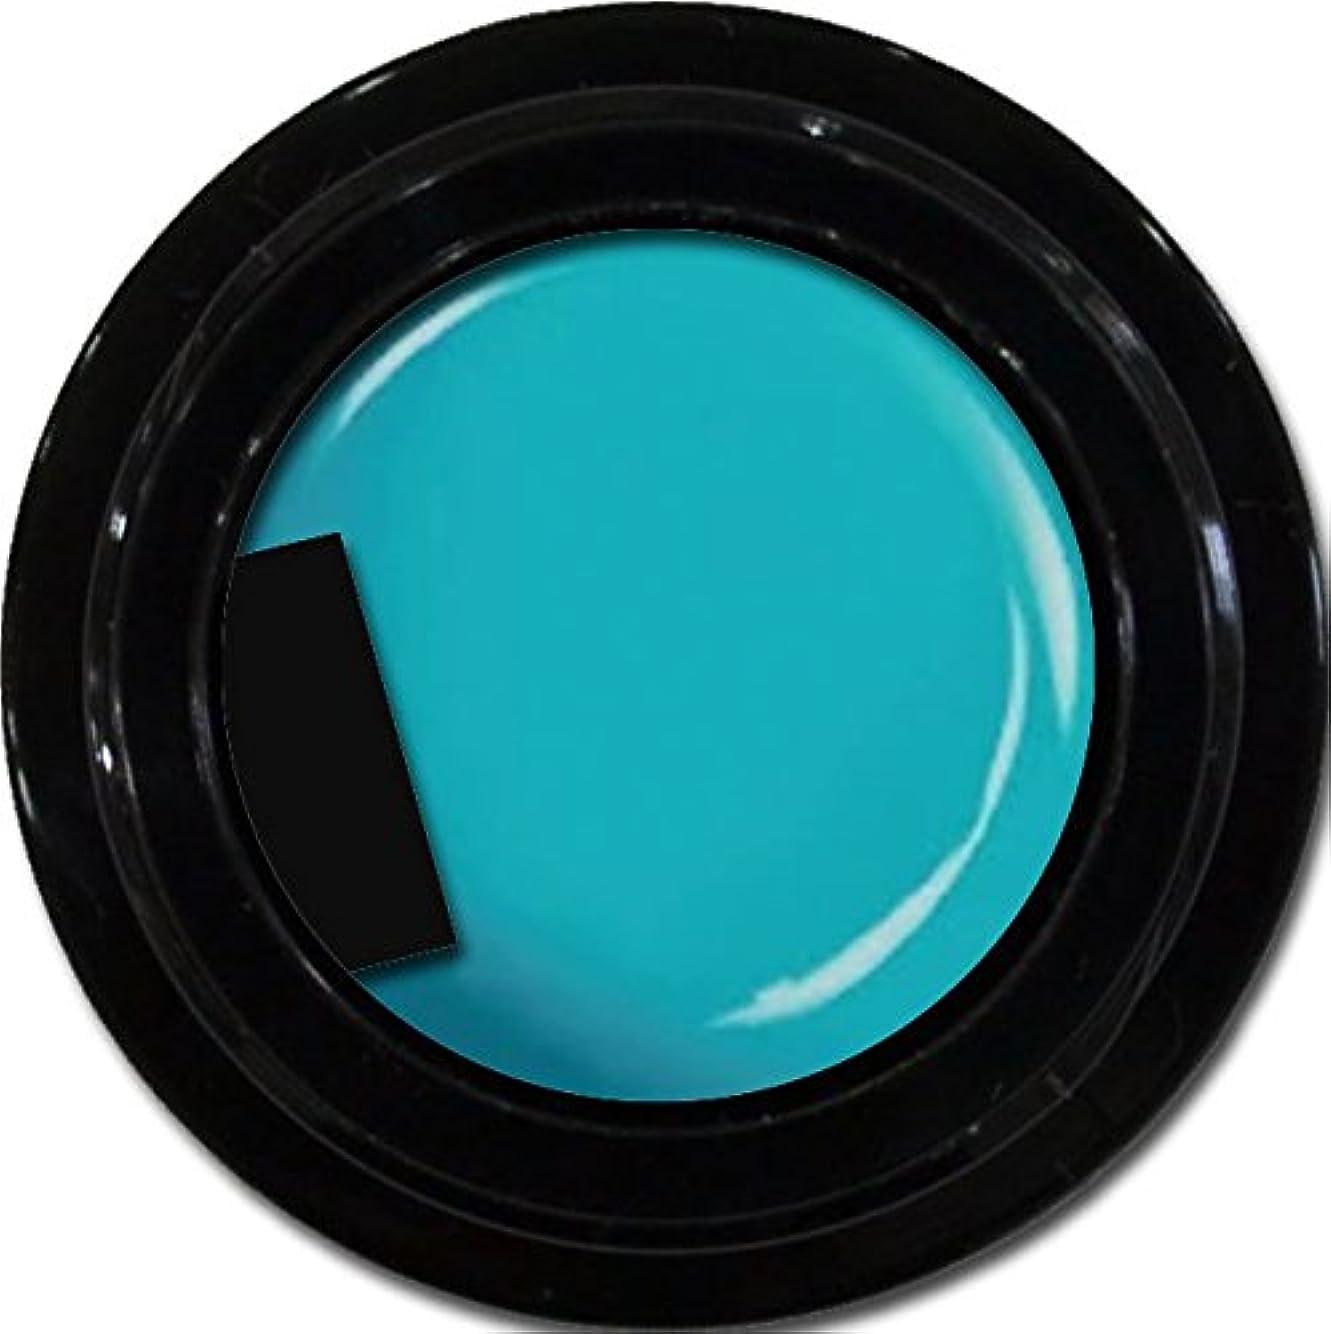 可決意気揚々希望に満ちたカラージェル enchant color gel M707 CanalBlue3g/ マットカラージェル M707カナールブルー 3グラム